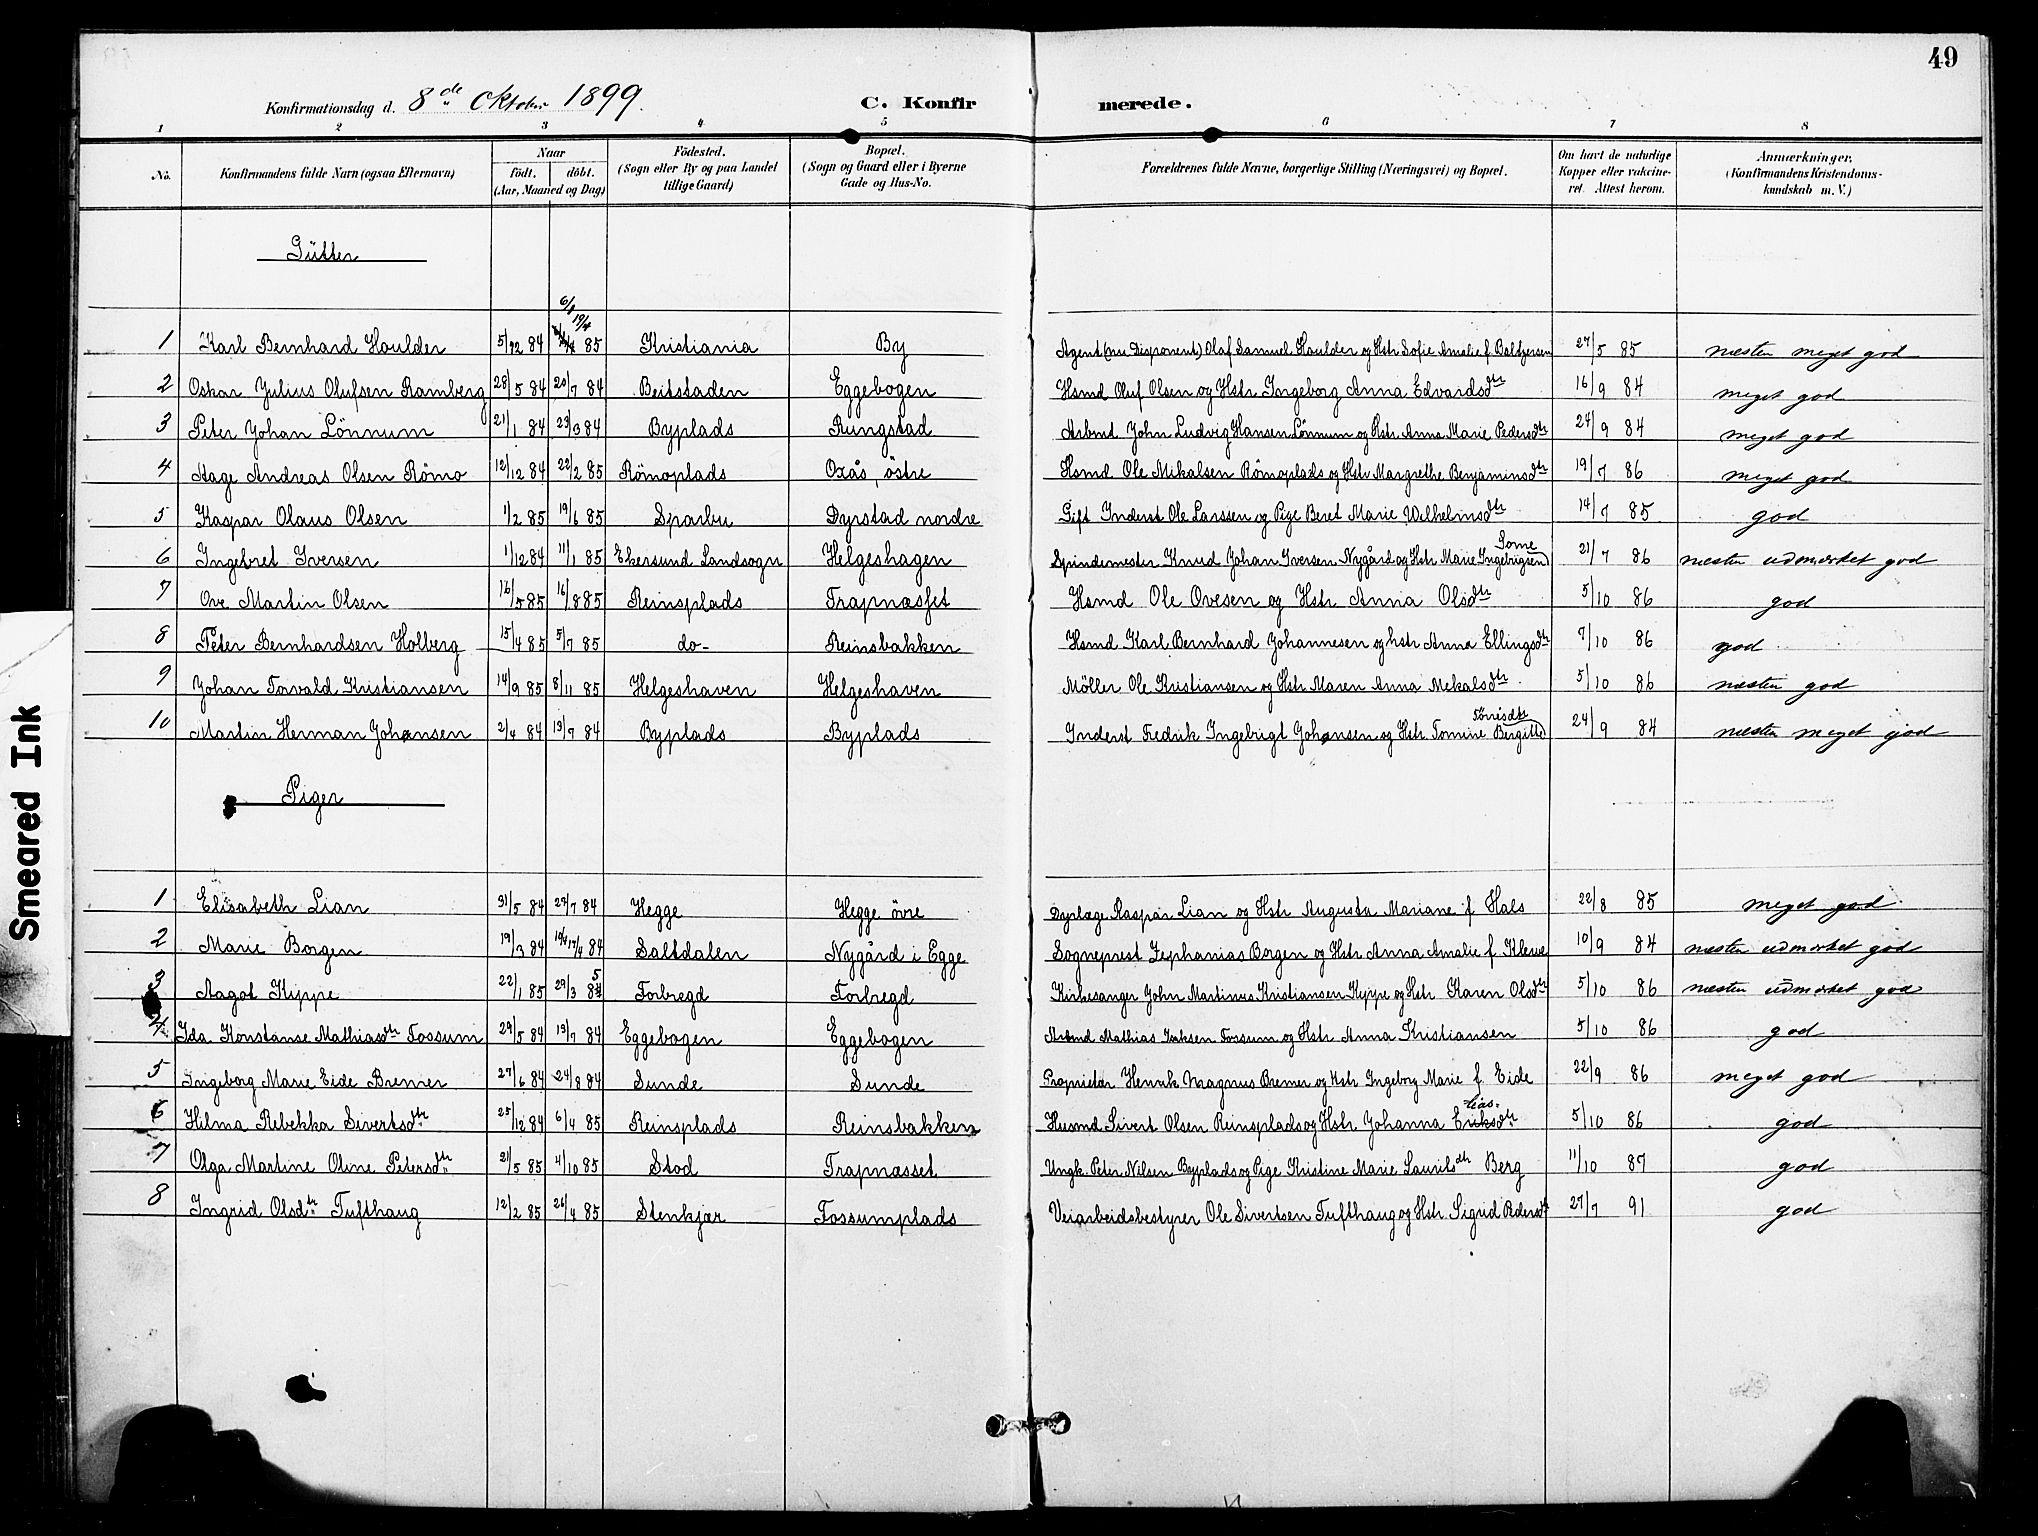 SAT, Ministerialprotokoller, klokkerbøker og fødselsregistre - Nord-Trøndelag, 740/L0379: Ministerialbok nr. 740A02, 1895-1907, s. 49